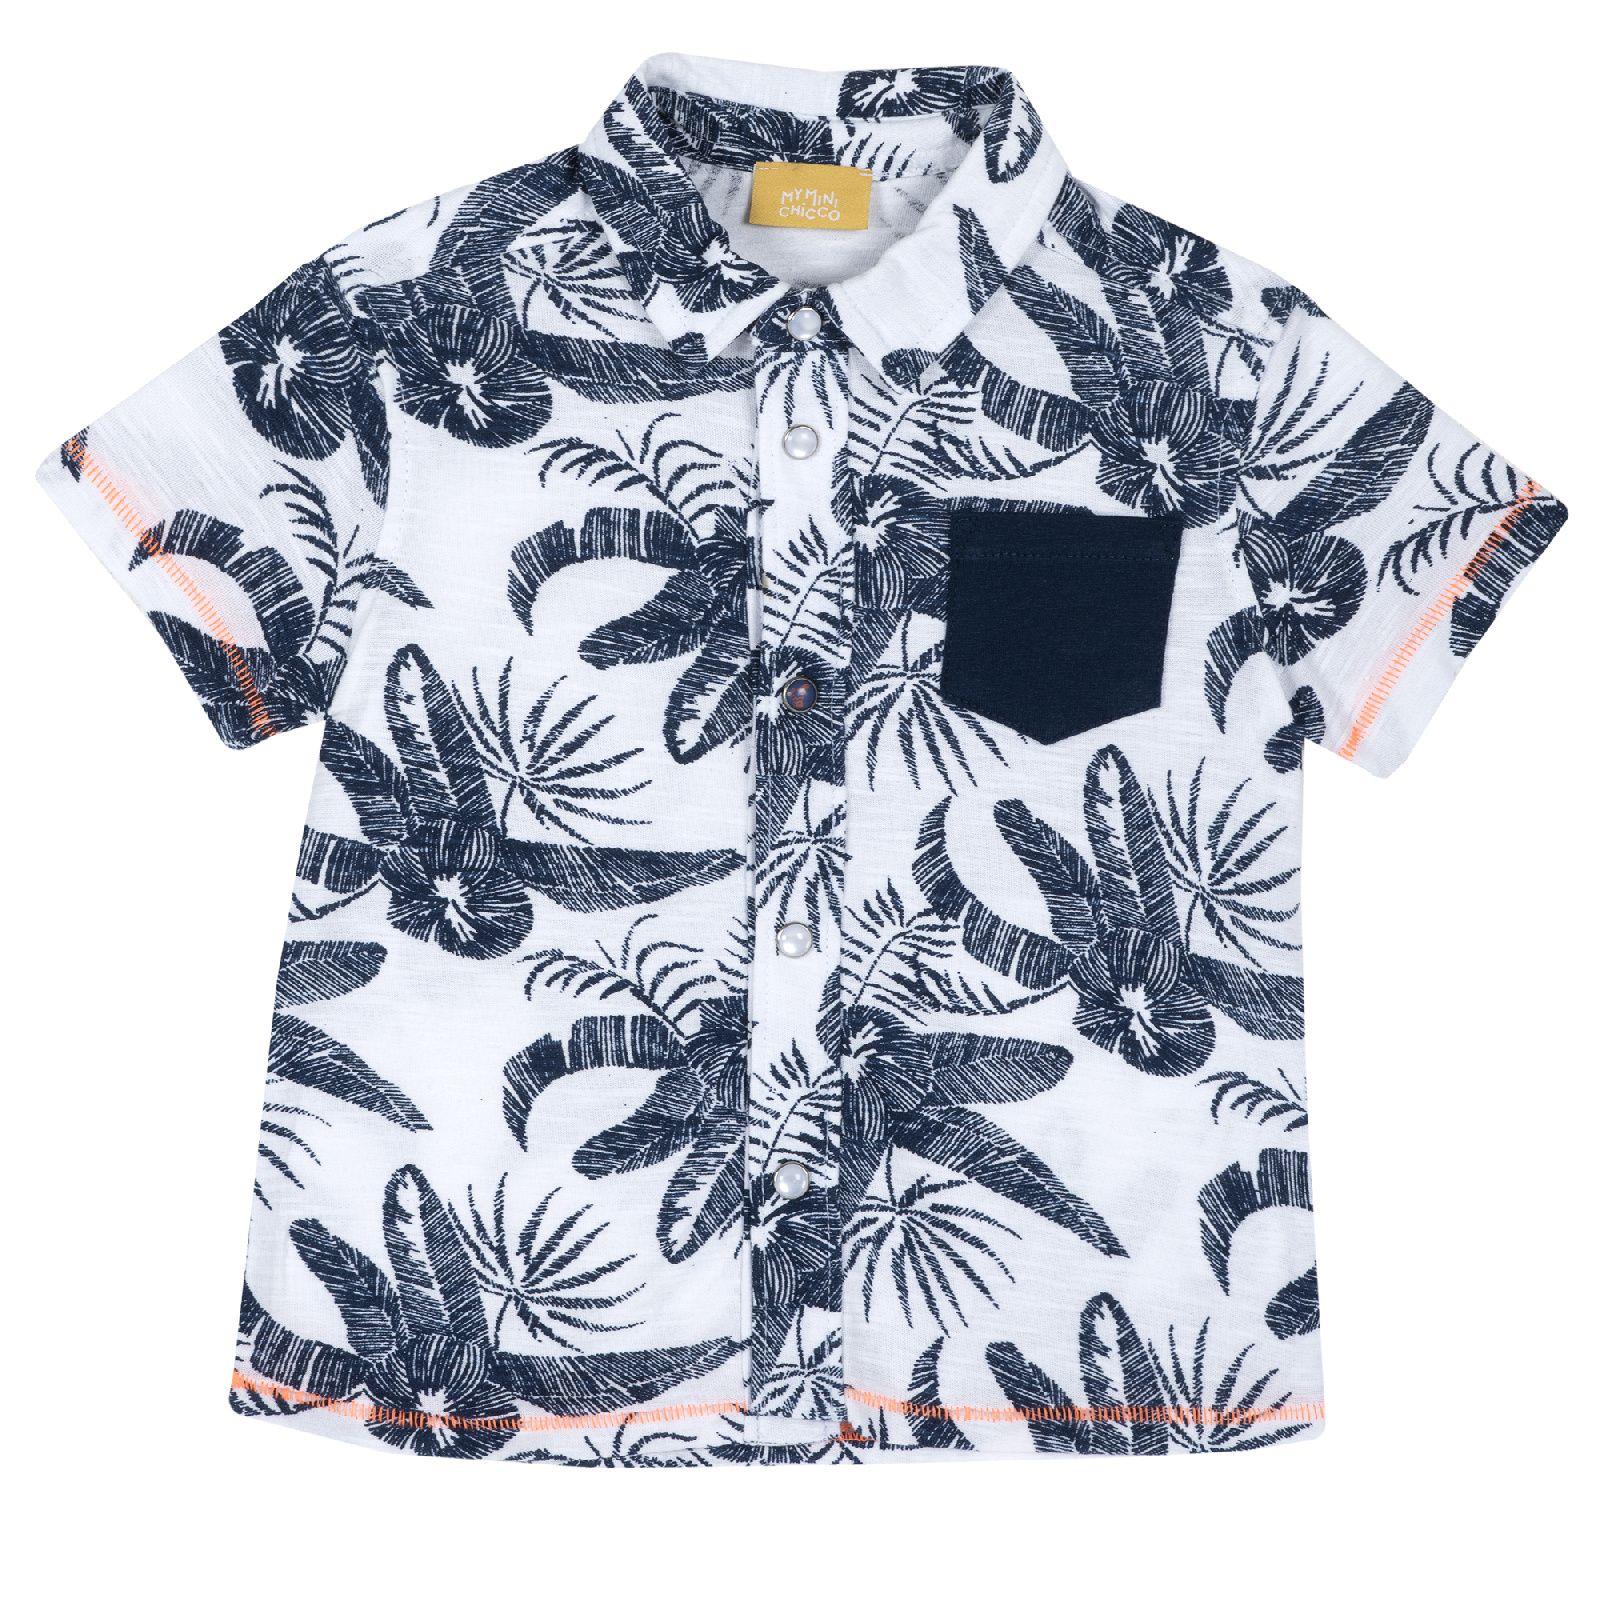 Рубашка Chicco Гавайи, для мальчика, р.86, цв. белый